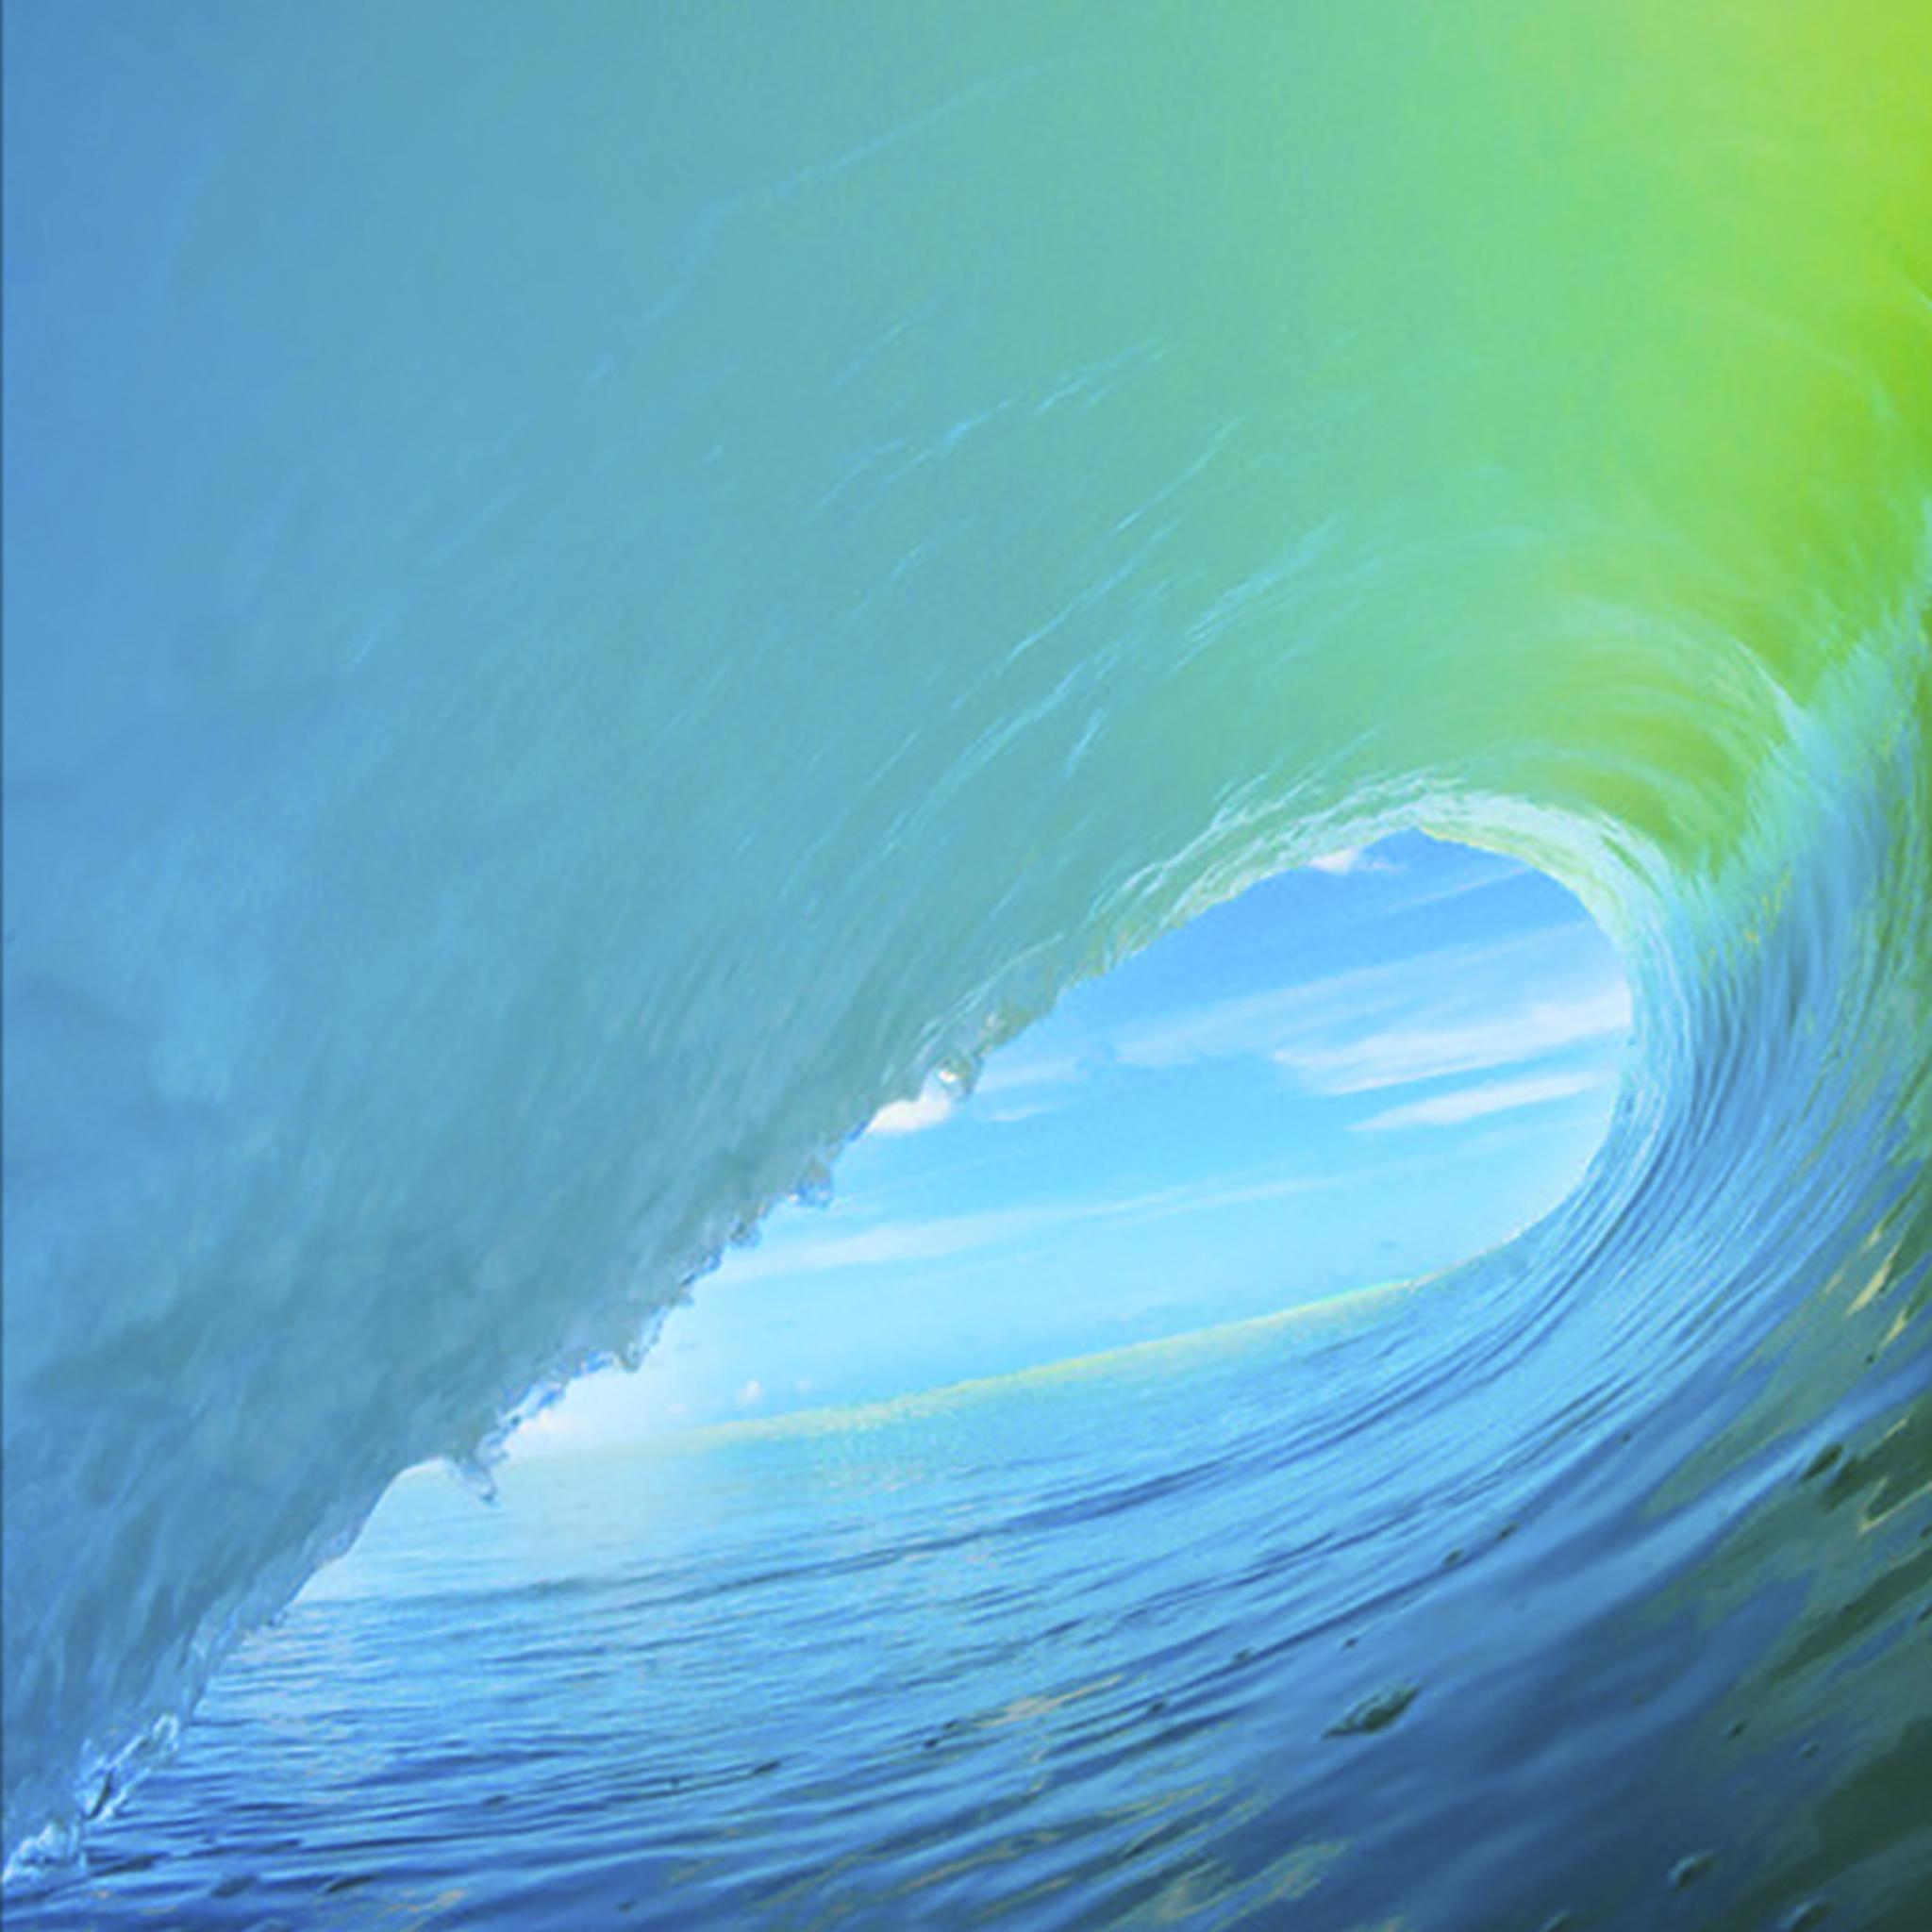 iOS 9 Wallpaper HD - WallpaperSafari